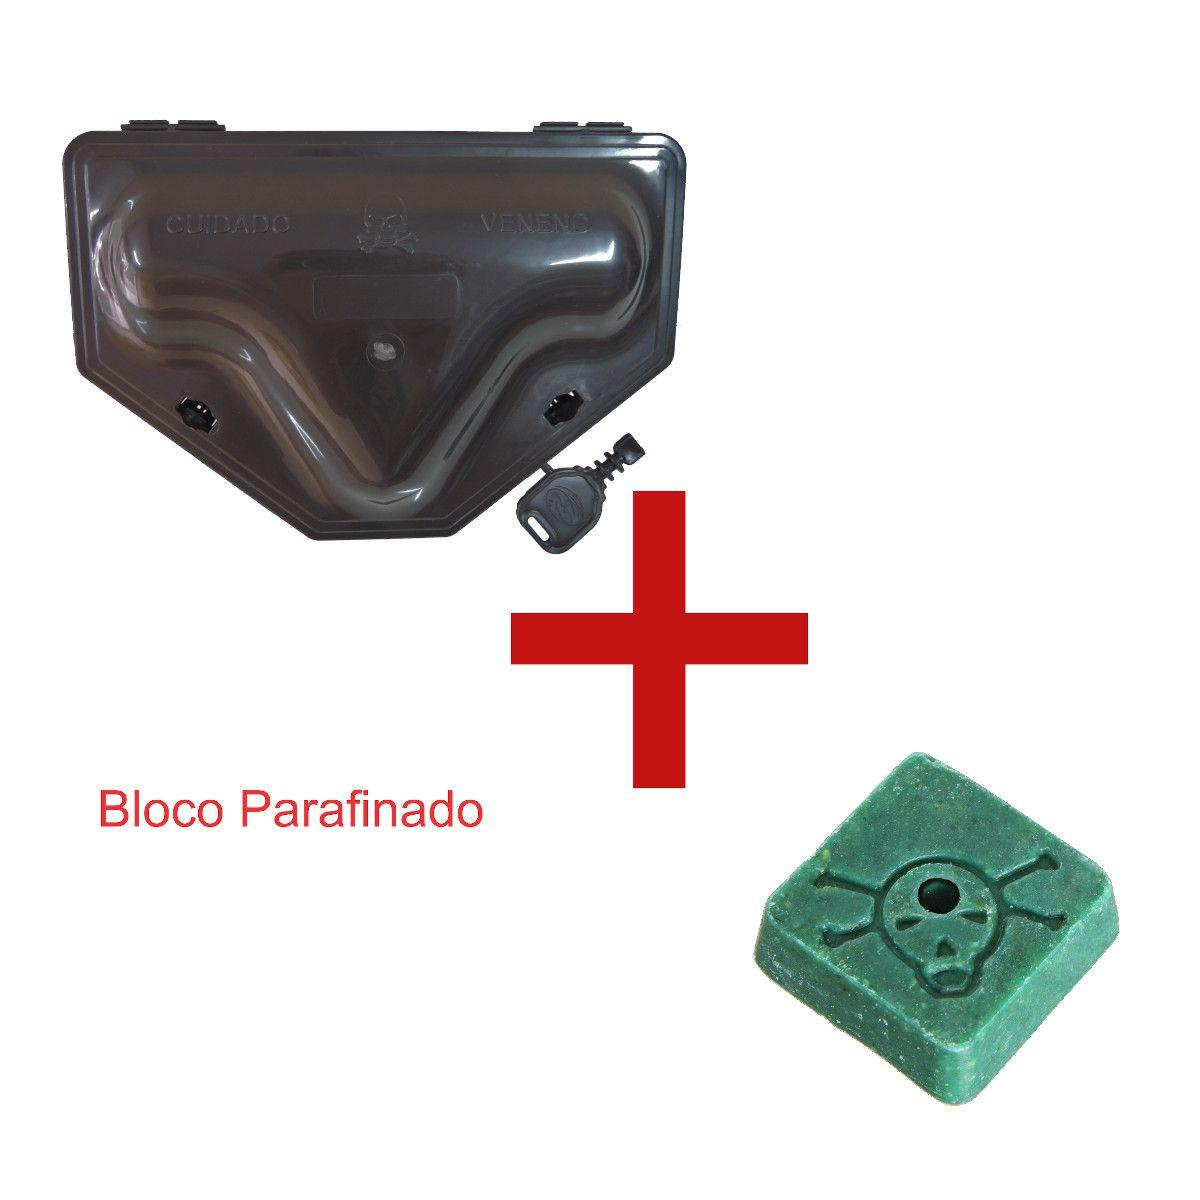 40 Porta Iscas C/ Duplo Travamento + 40 Bloco Parafinado